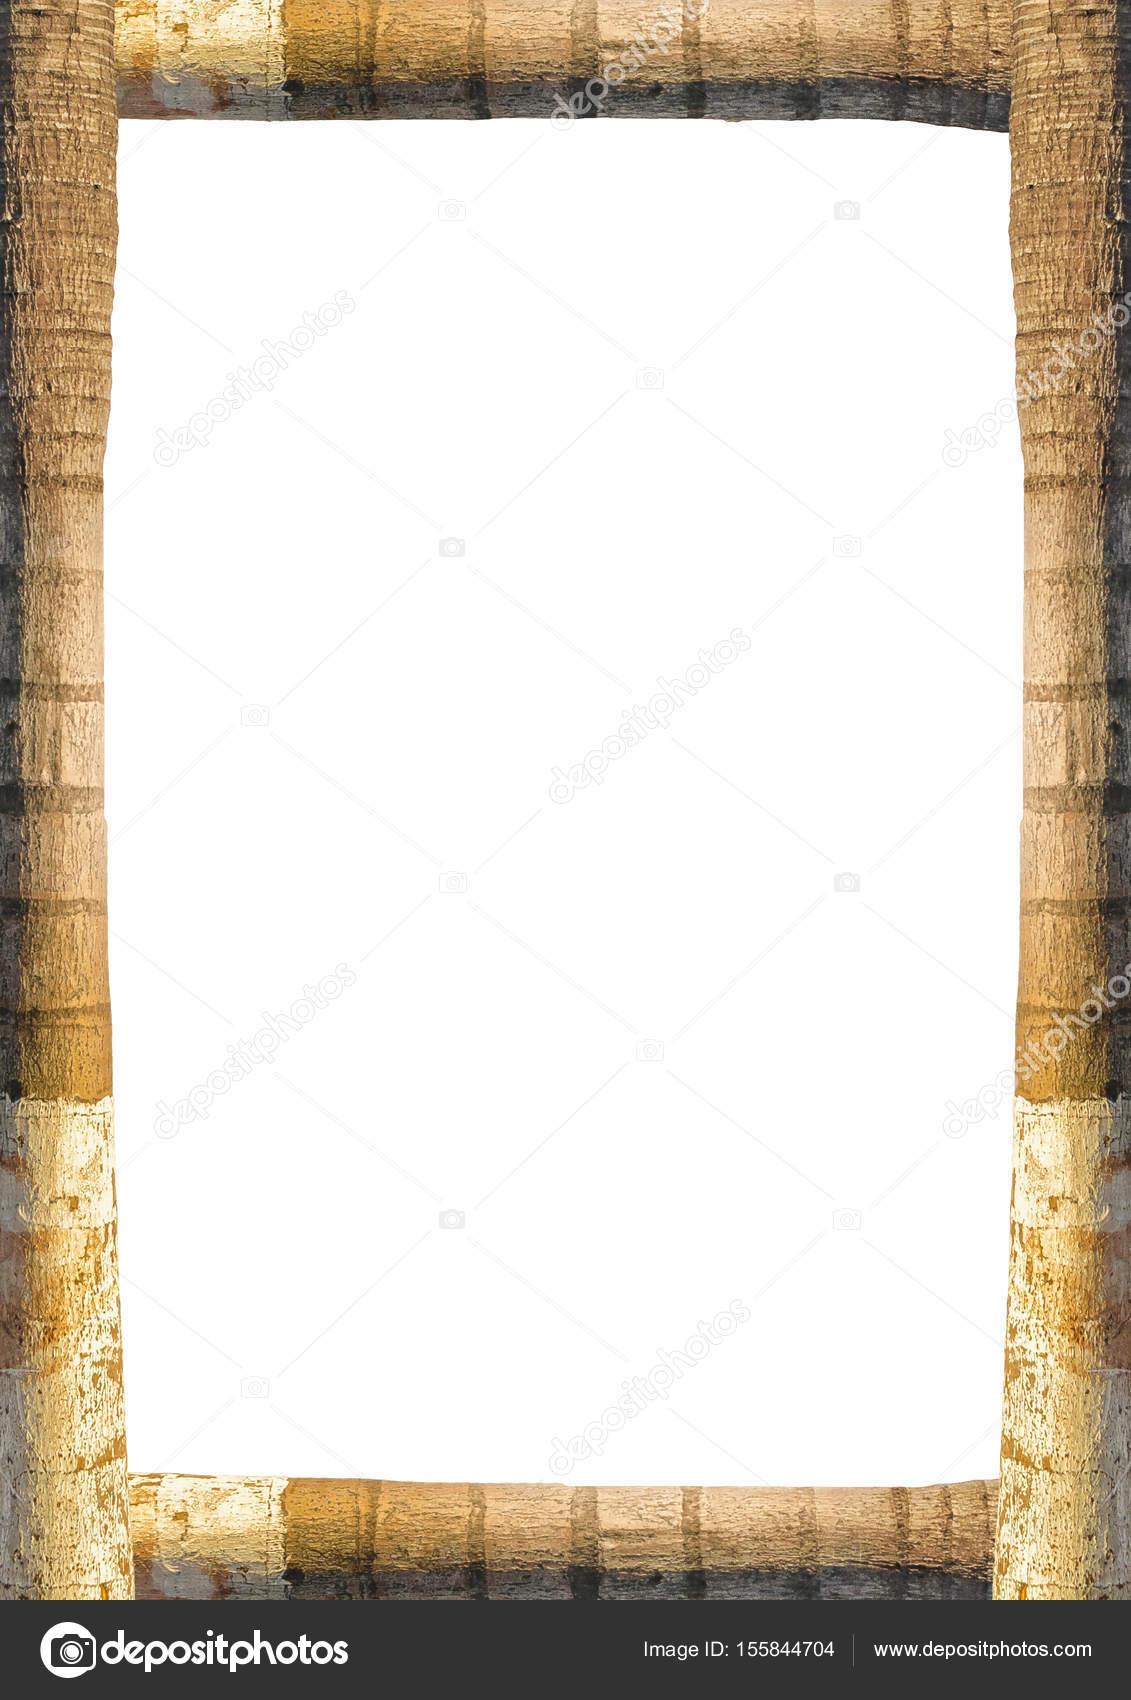 Retrato marco con fronteras de tronco de árbol — Foto de stock ...